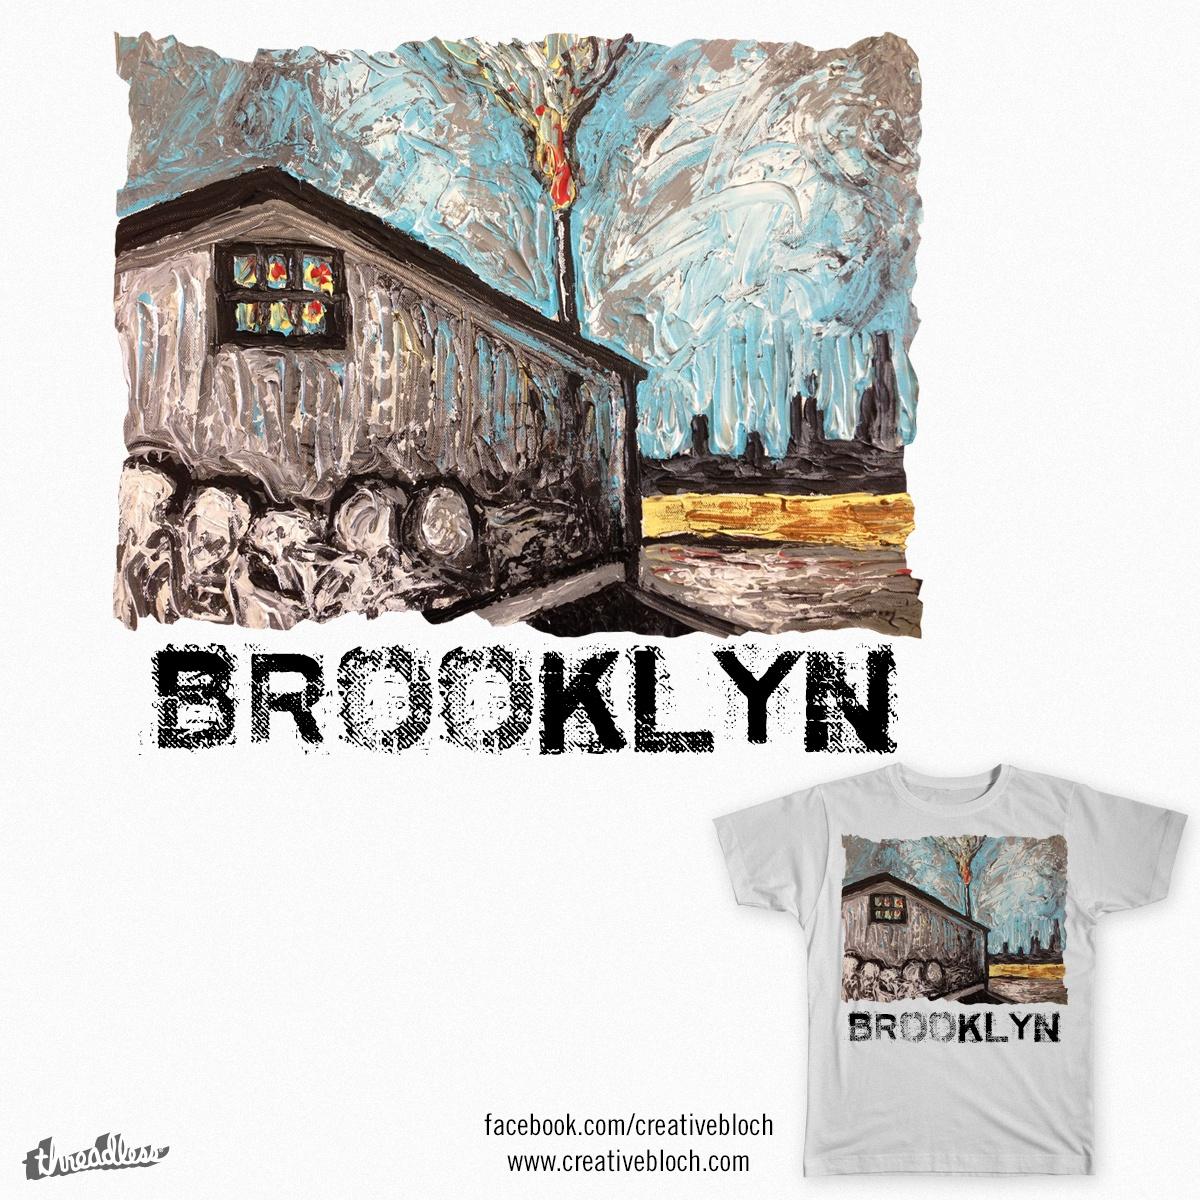 Brooklyn Warehouse by creativebloch on Threadless